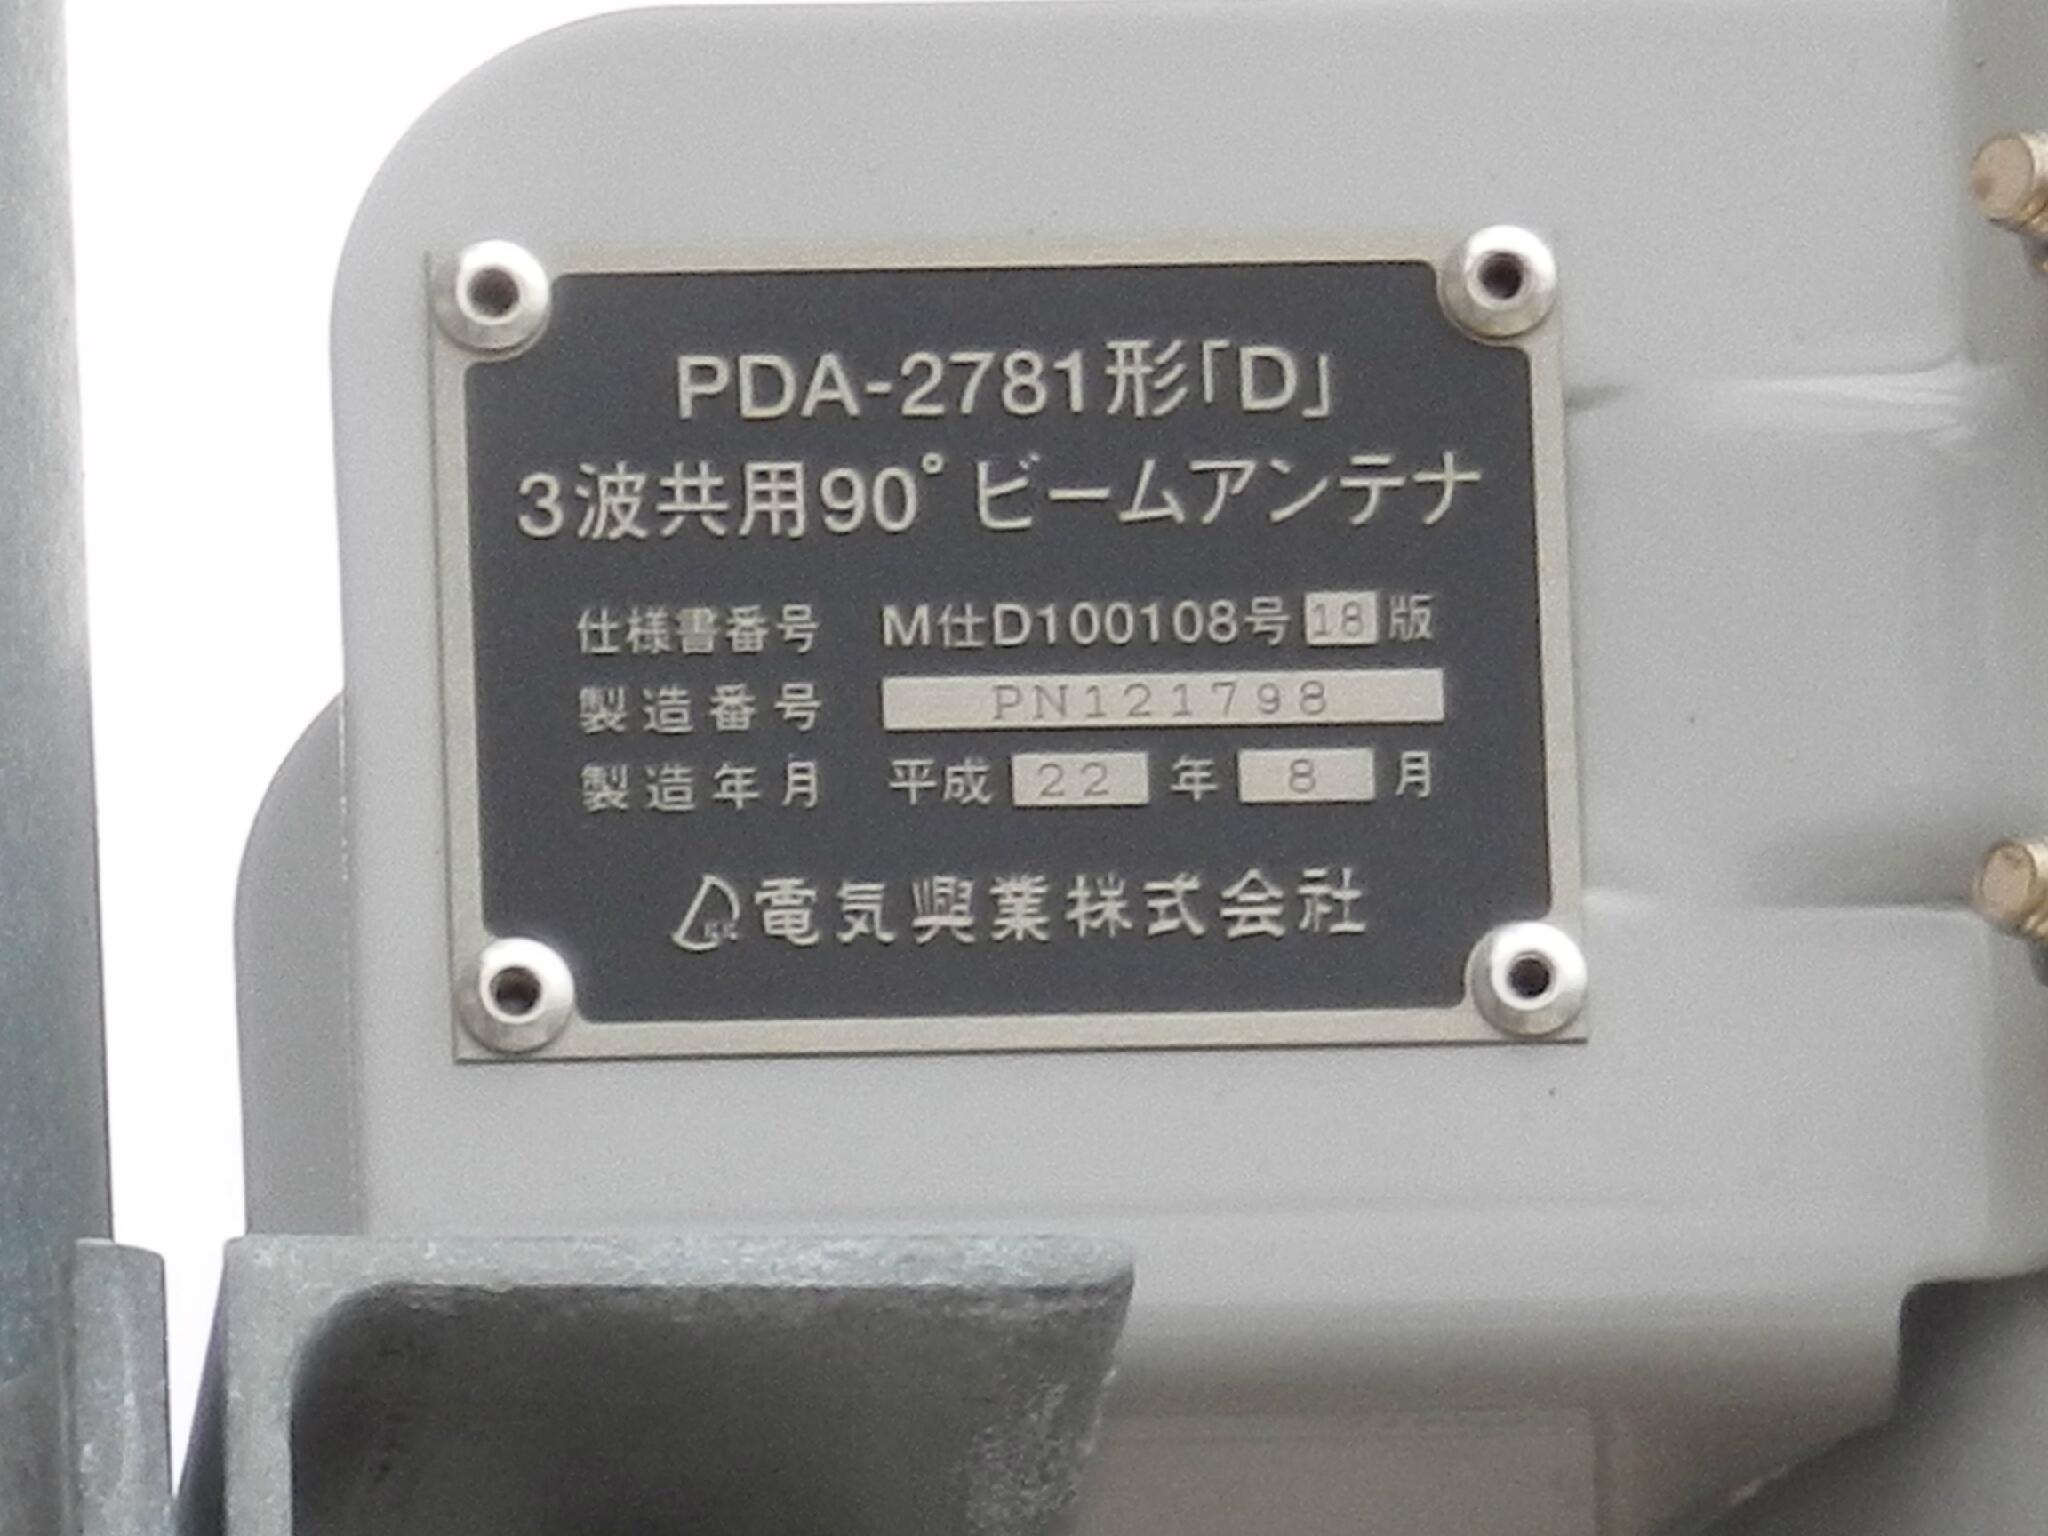 ドコモのPDA-2781形「D」 3波共用90°ビームアンテナ  電気興業製 http://t.co/VeyYPyELD9